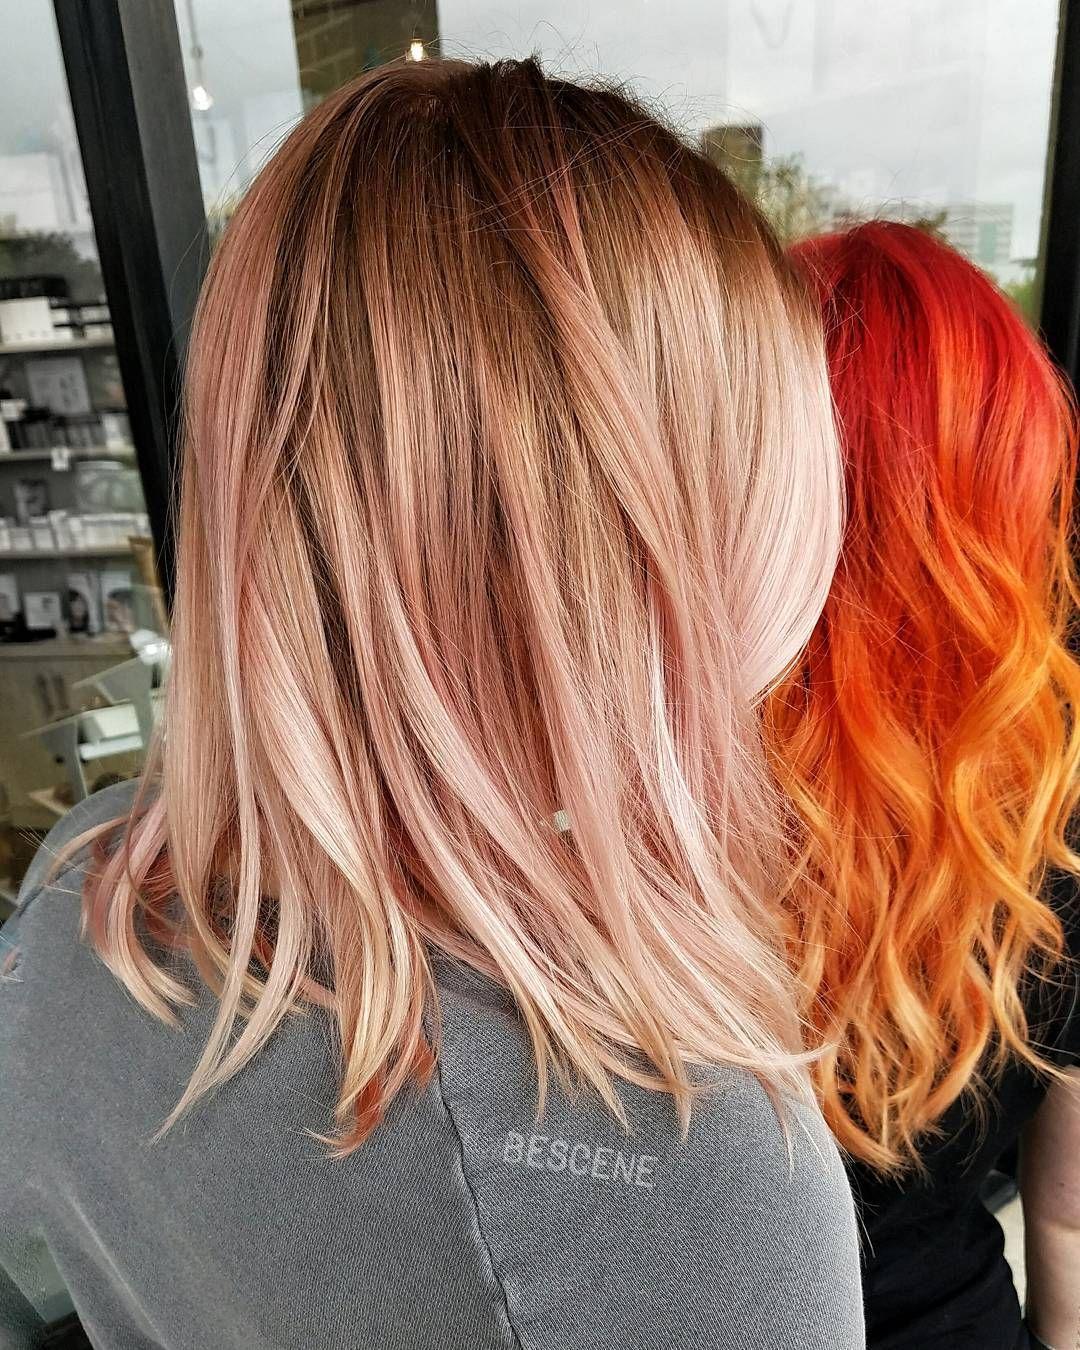 ROSE GOLD  VS FIRE  HAIR                                                                                                                                                                                 More